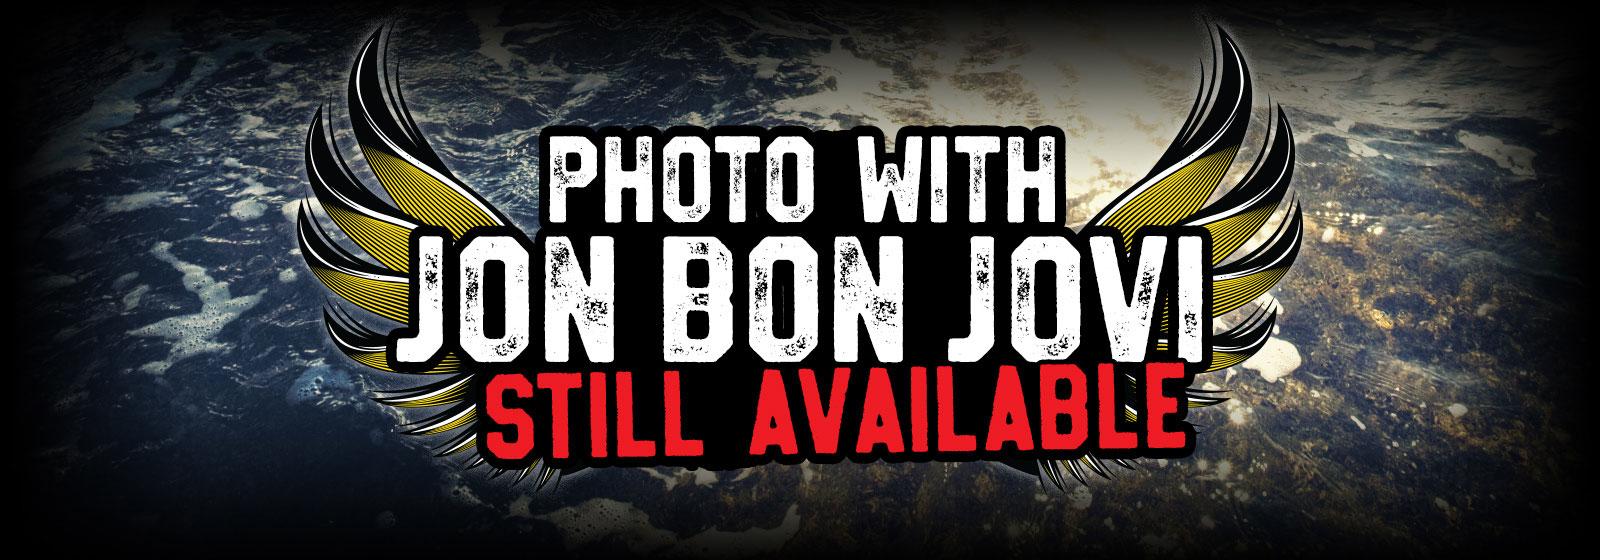 Photo with Jon Bon Jovi still available